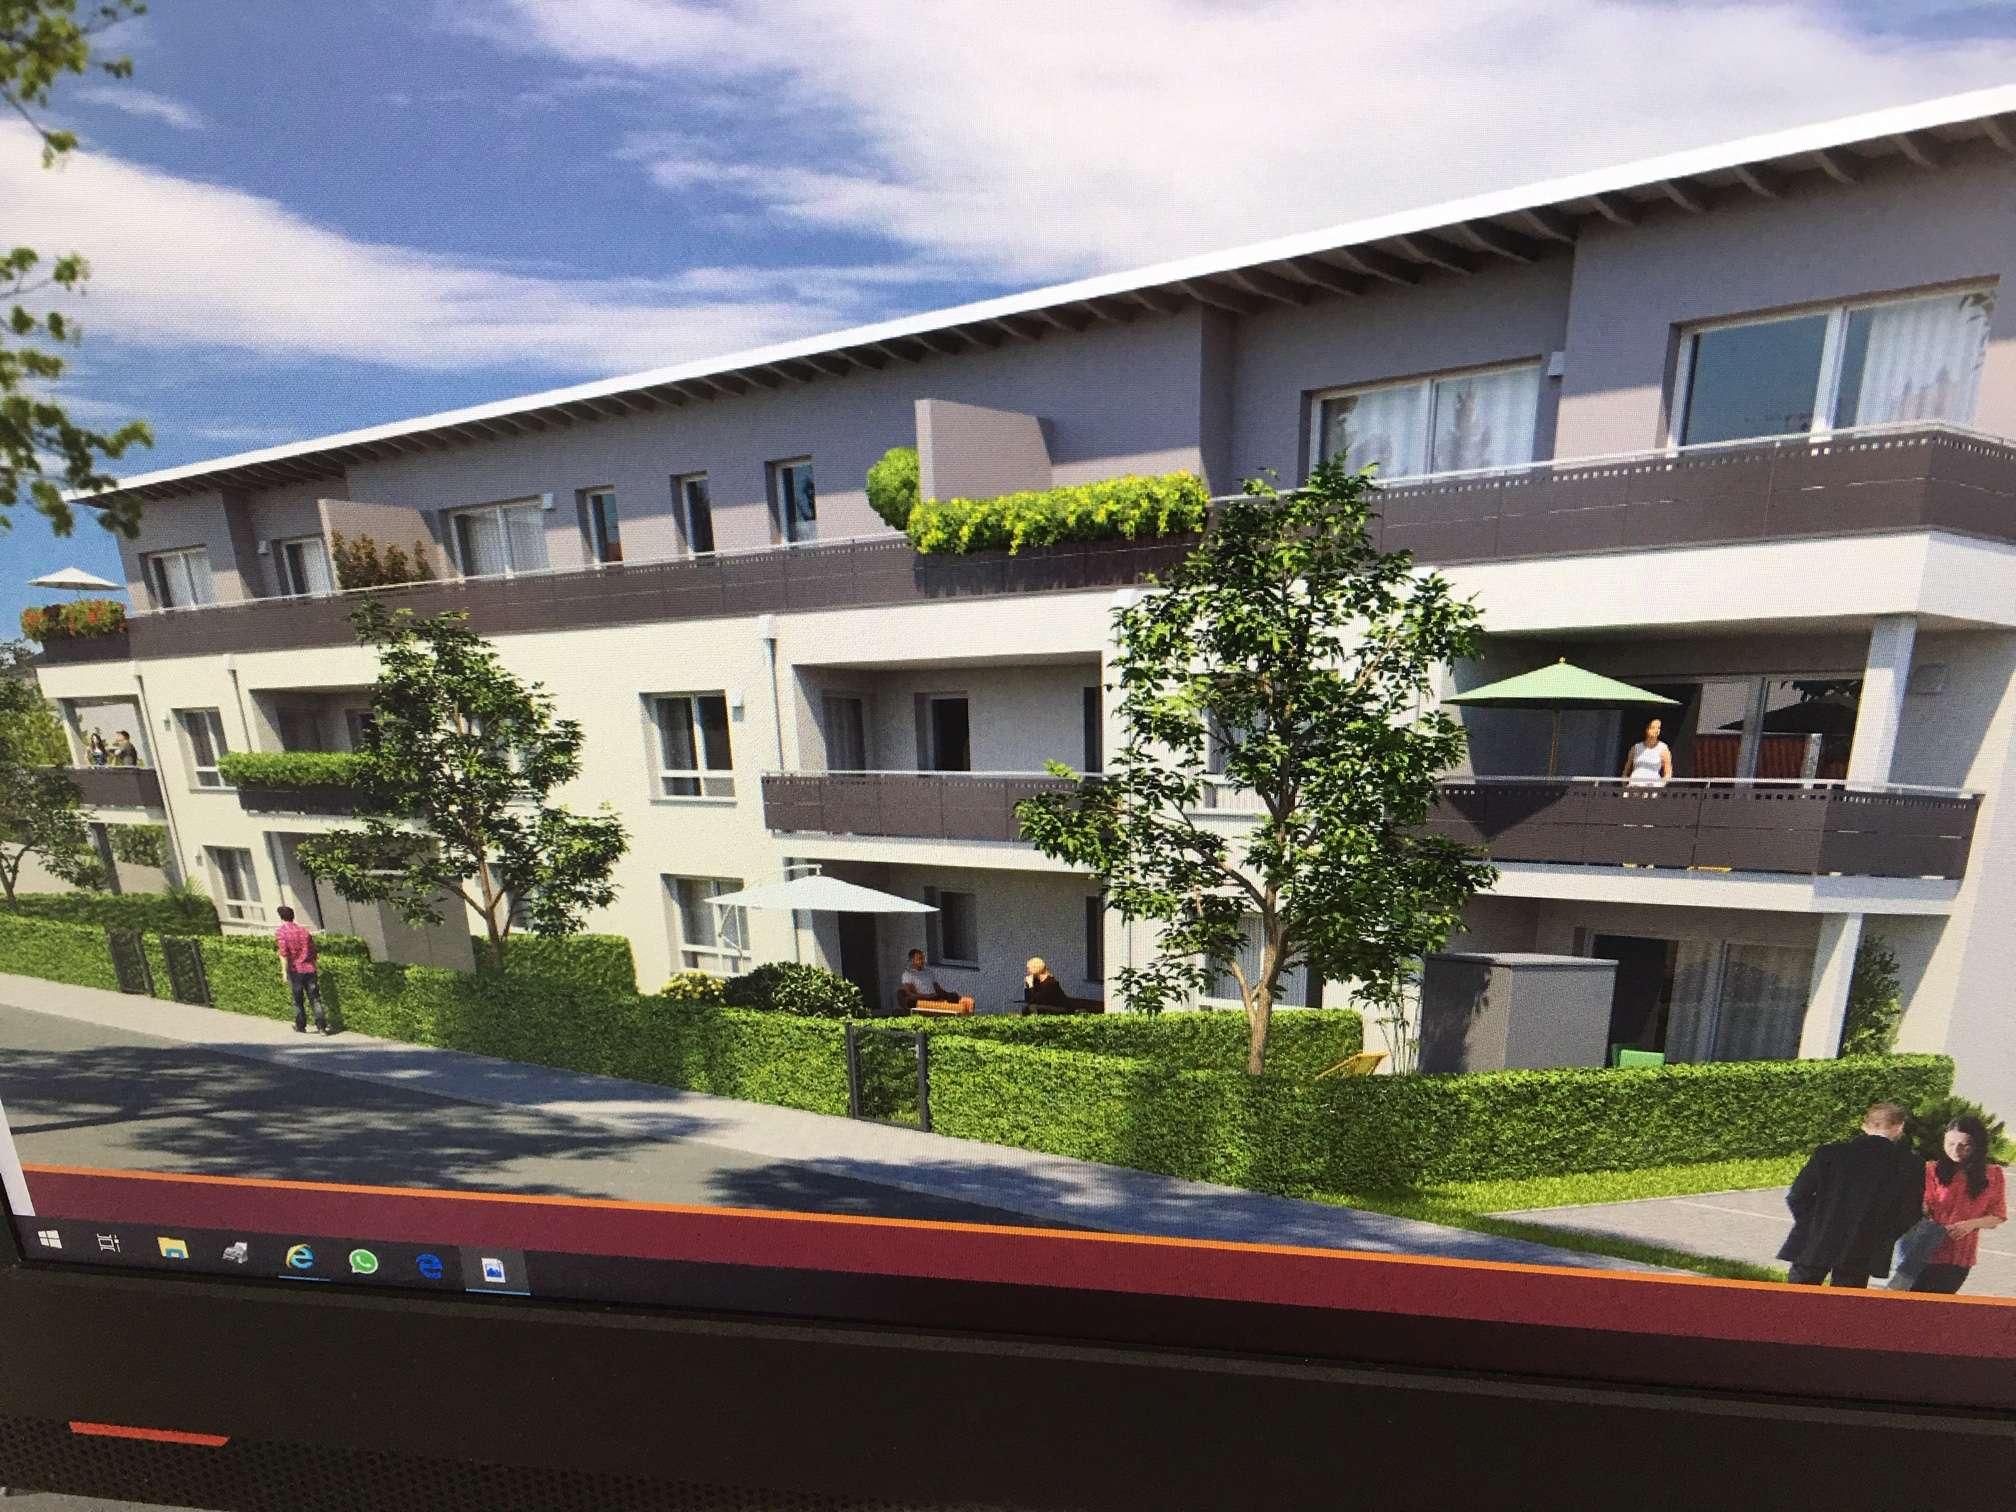 Neue 2-Zimmer-Erdgeschoss-Wohnung mit EBK, Garten, Terrasse uns Stellplatz